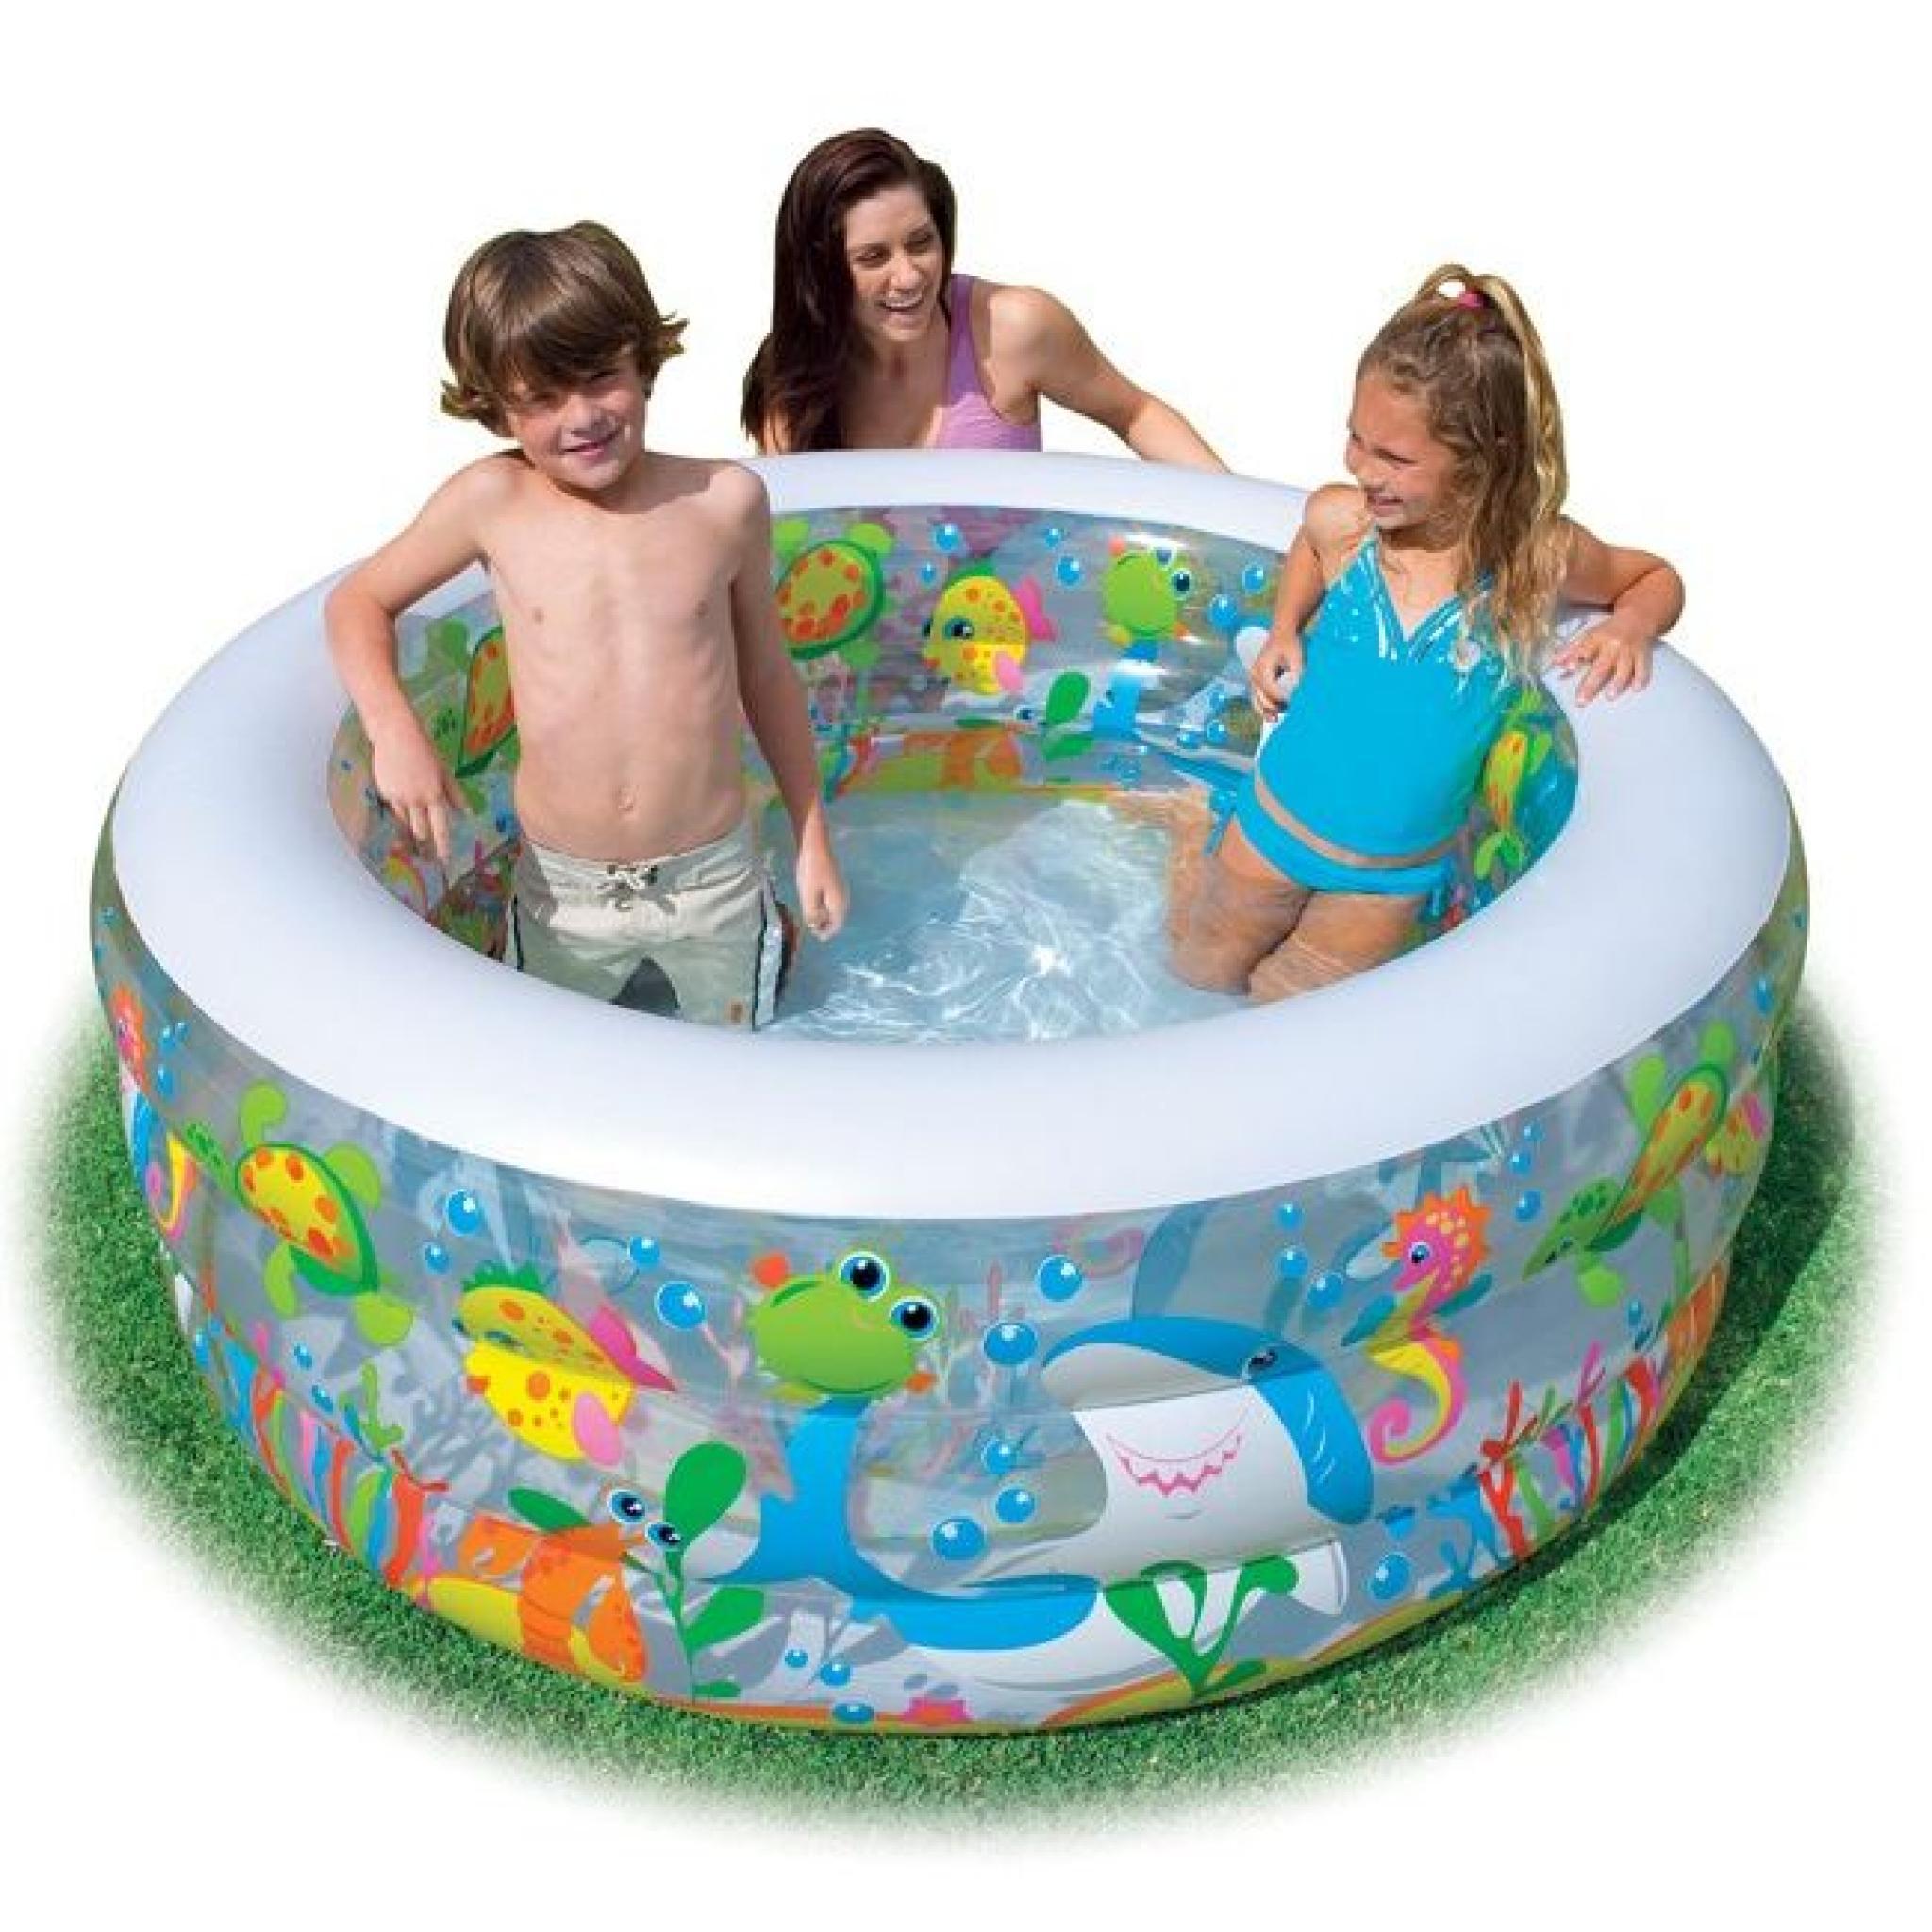 Piscine Gonflable Aquarium Intex à Piscine Enfant Pas Cher